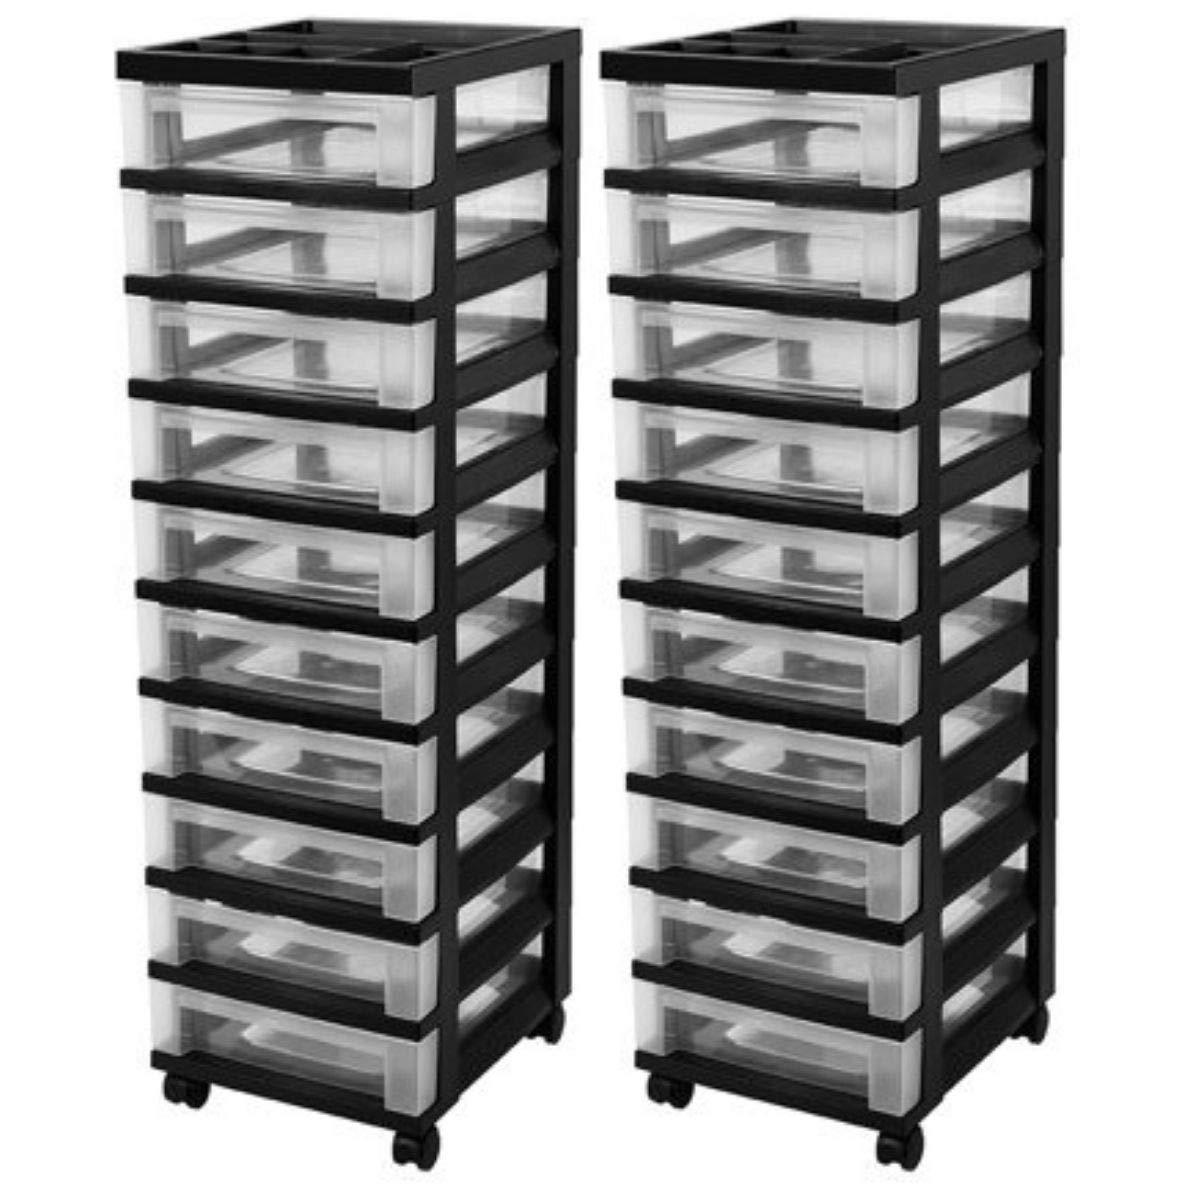 IRIS 10-Drawer Rolling Storage Cart with Organizer Top (Set of 2, Black)